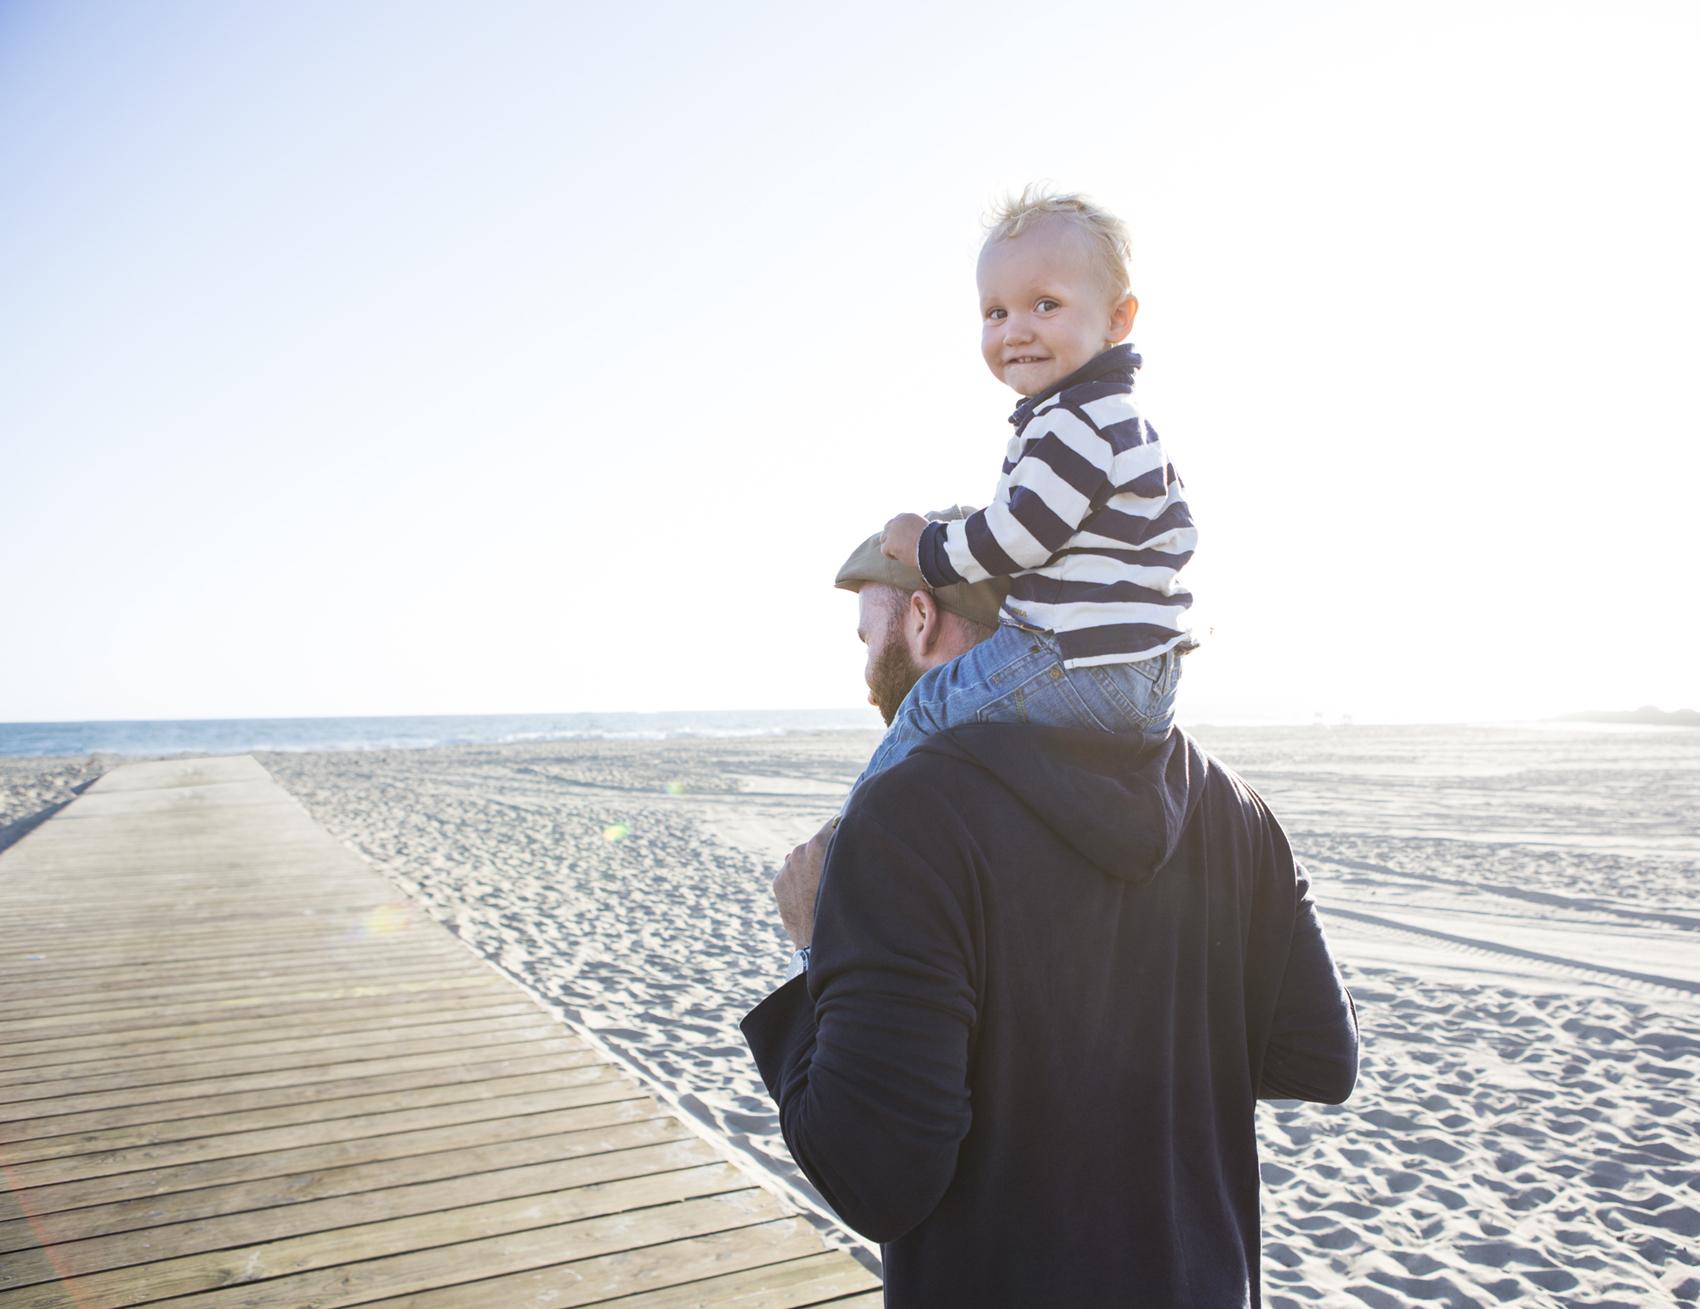 diephuis-father-son-parent-05.jpg